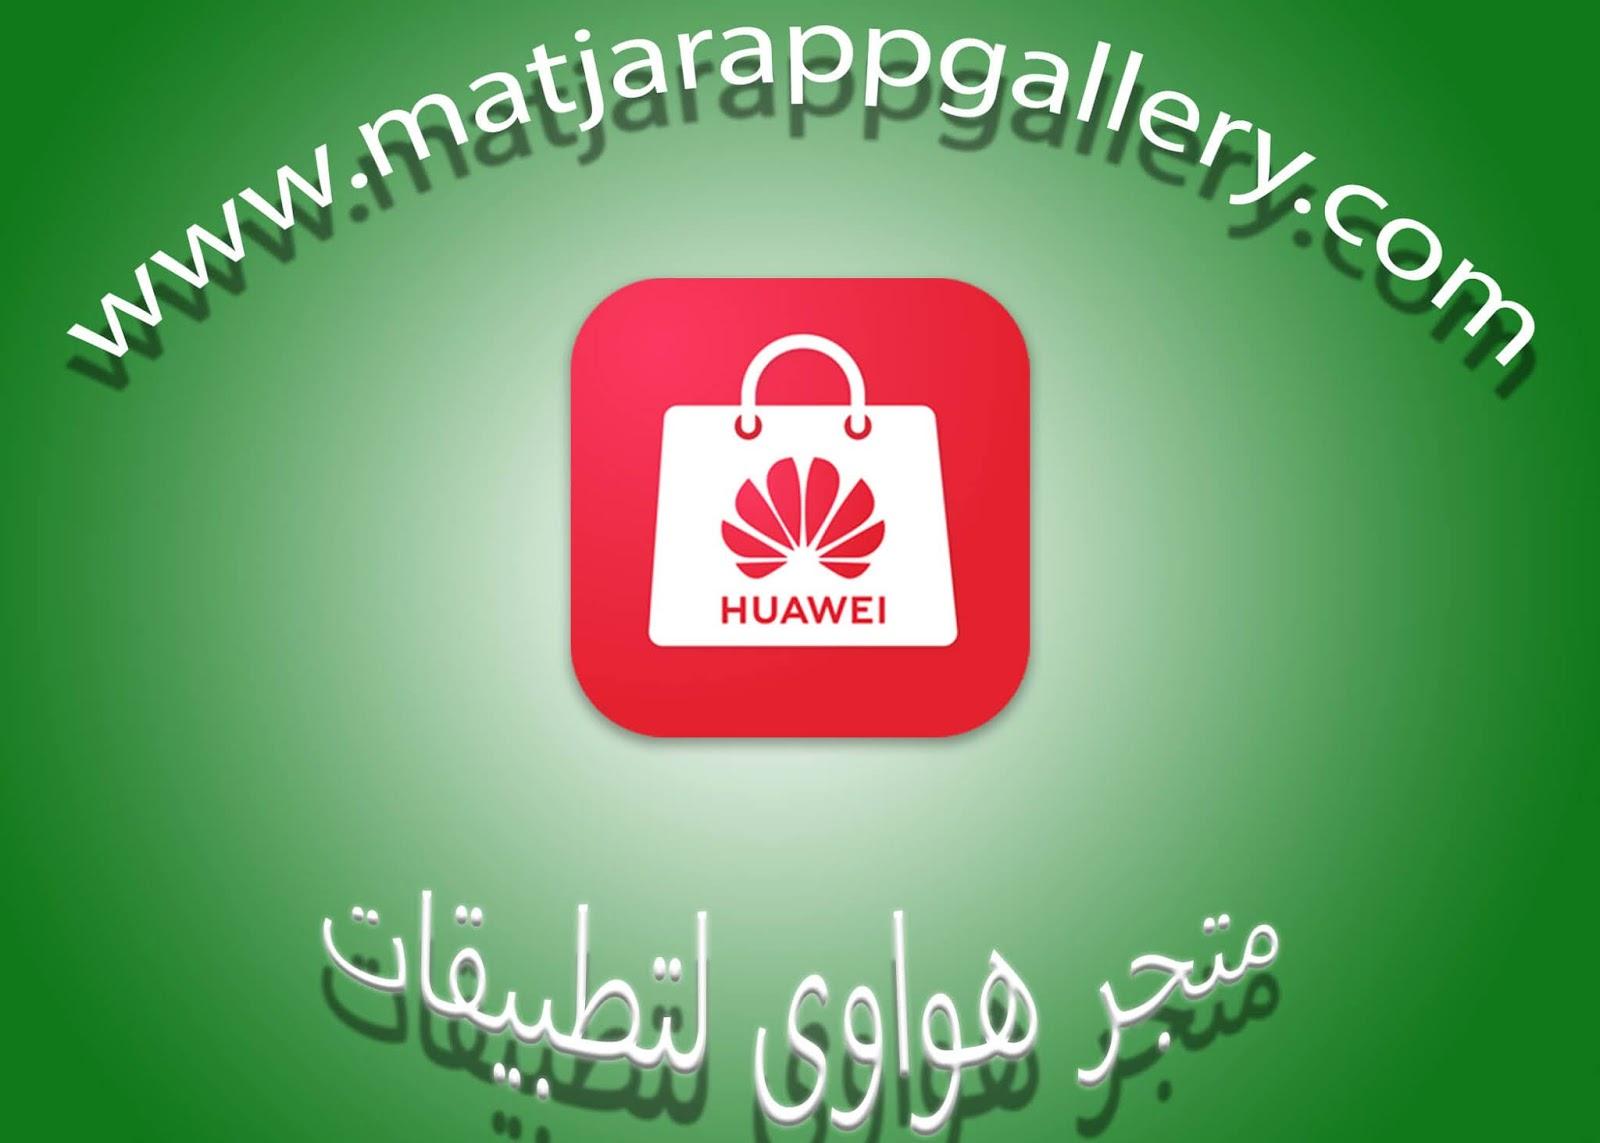 تحميل متجر هواوي للتطبيقات- الإصدار الأخير App Gallery